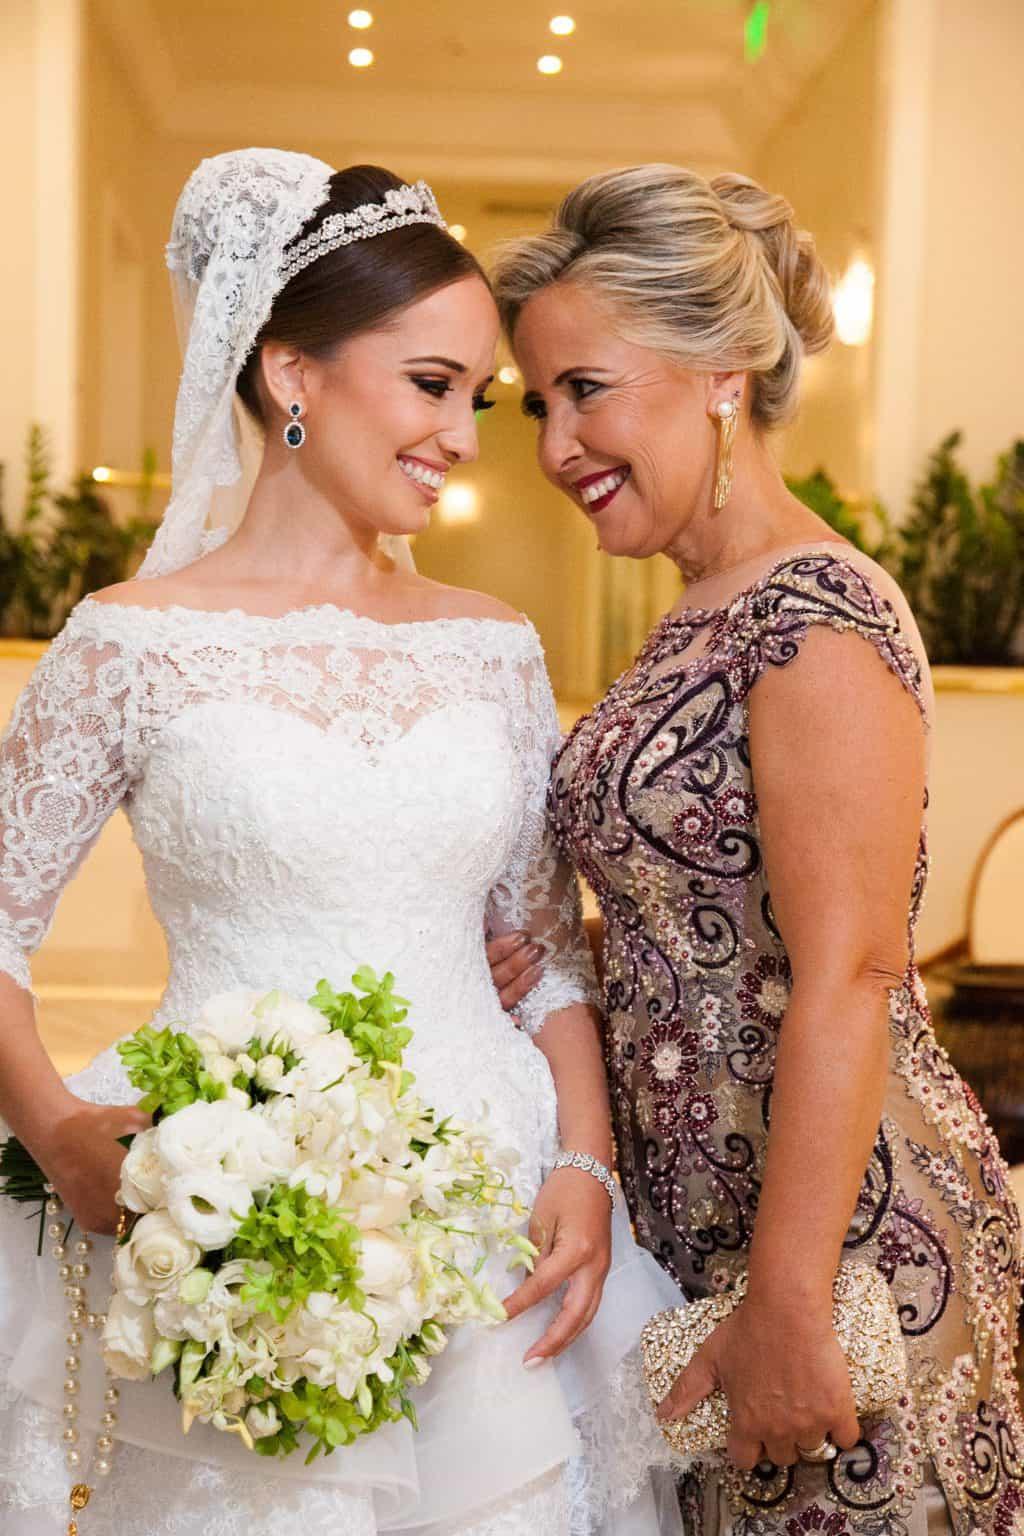 Casamento-Clássico-Casamento-tradicional-Copacabana-Palace-Monica-Roias-Noiva-e-mãe-Ribas-Foto-e-Vídeo-Tuanny-e-Bernardo-CaseMe-2